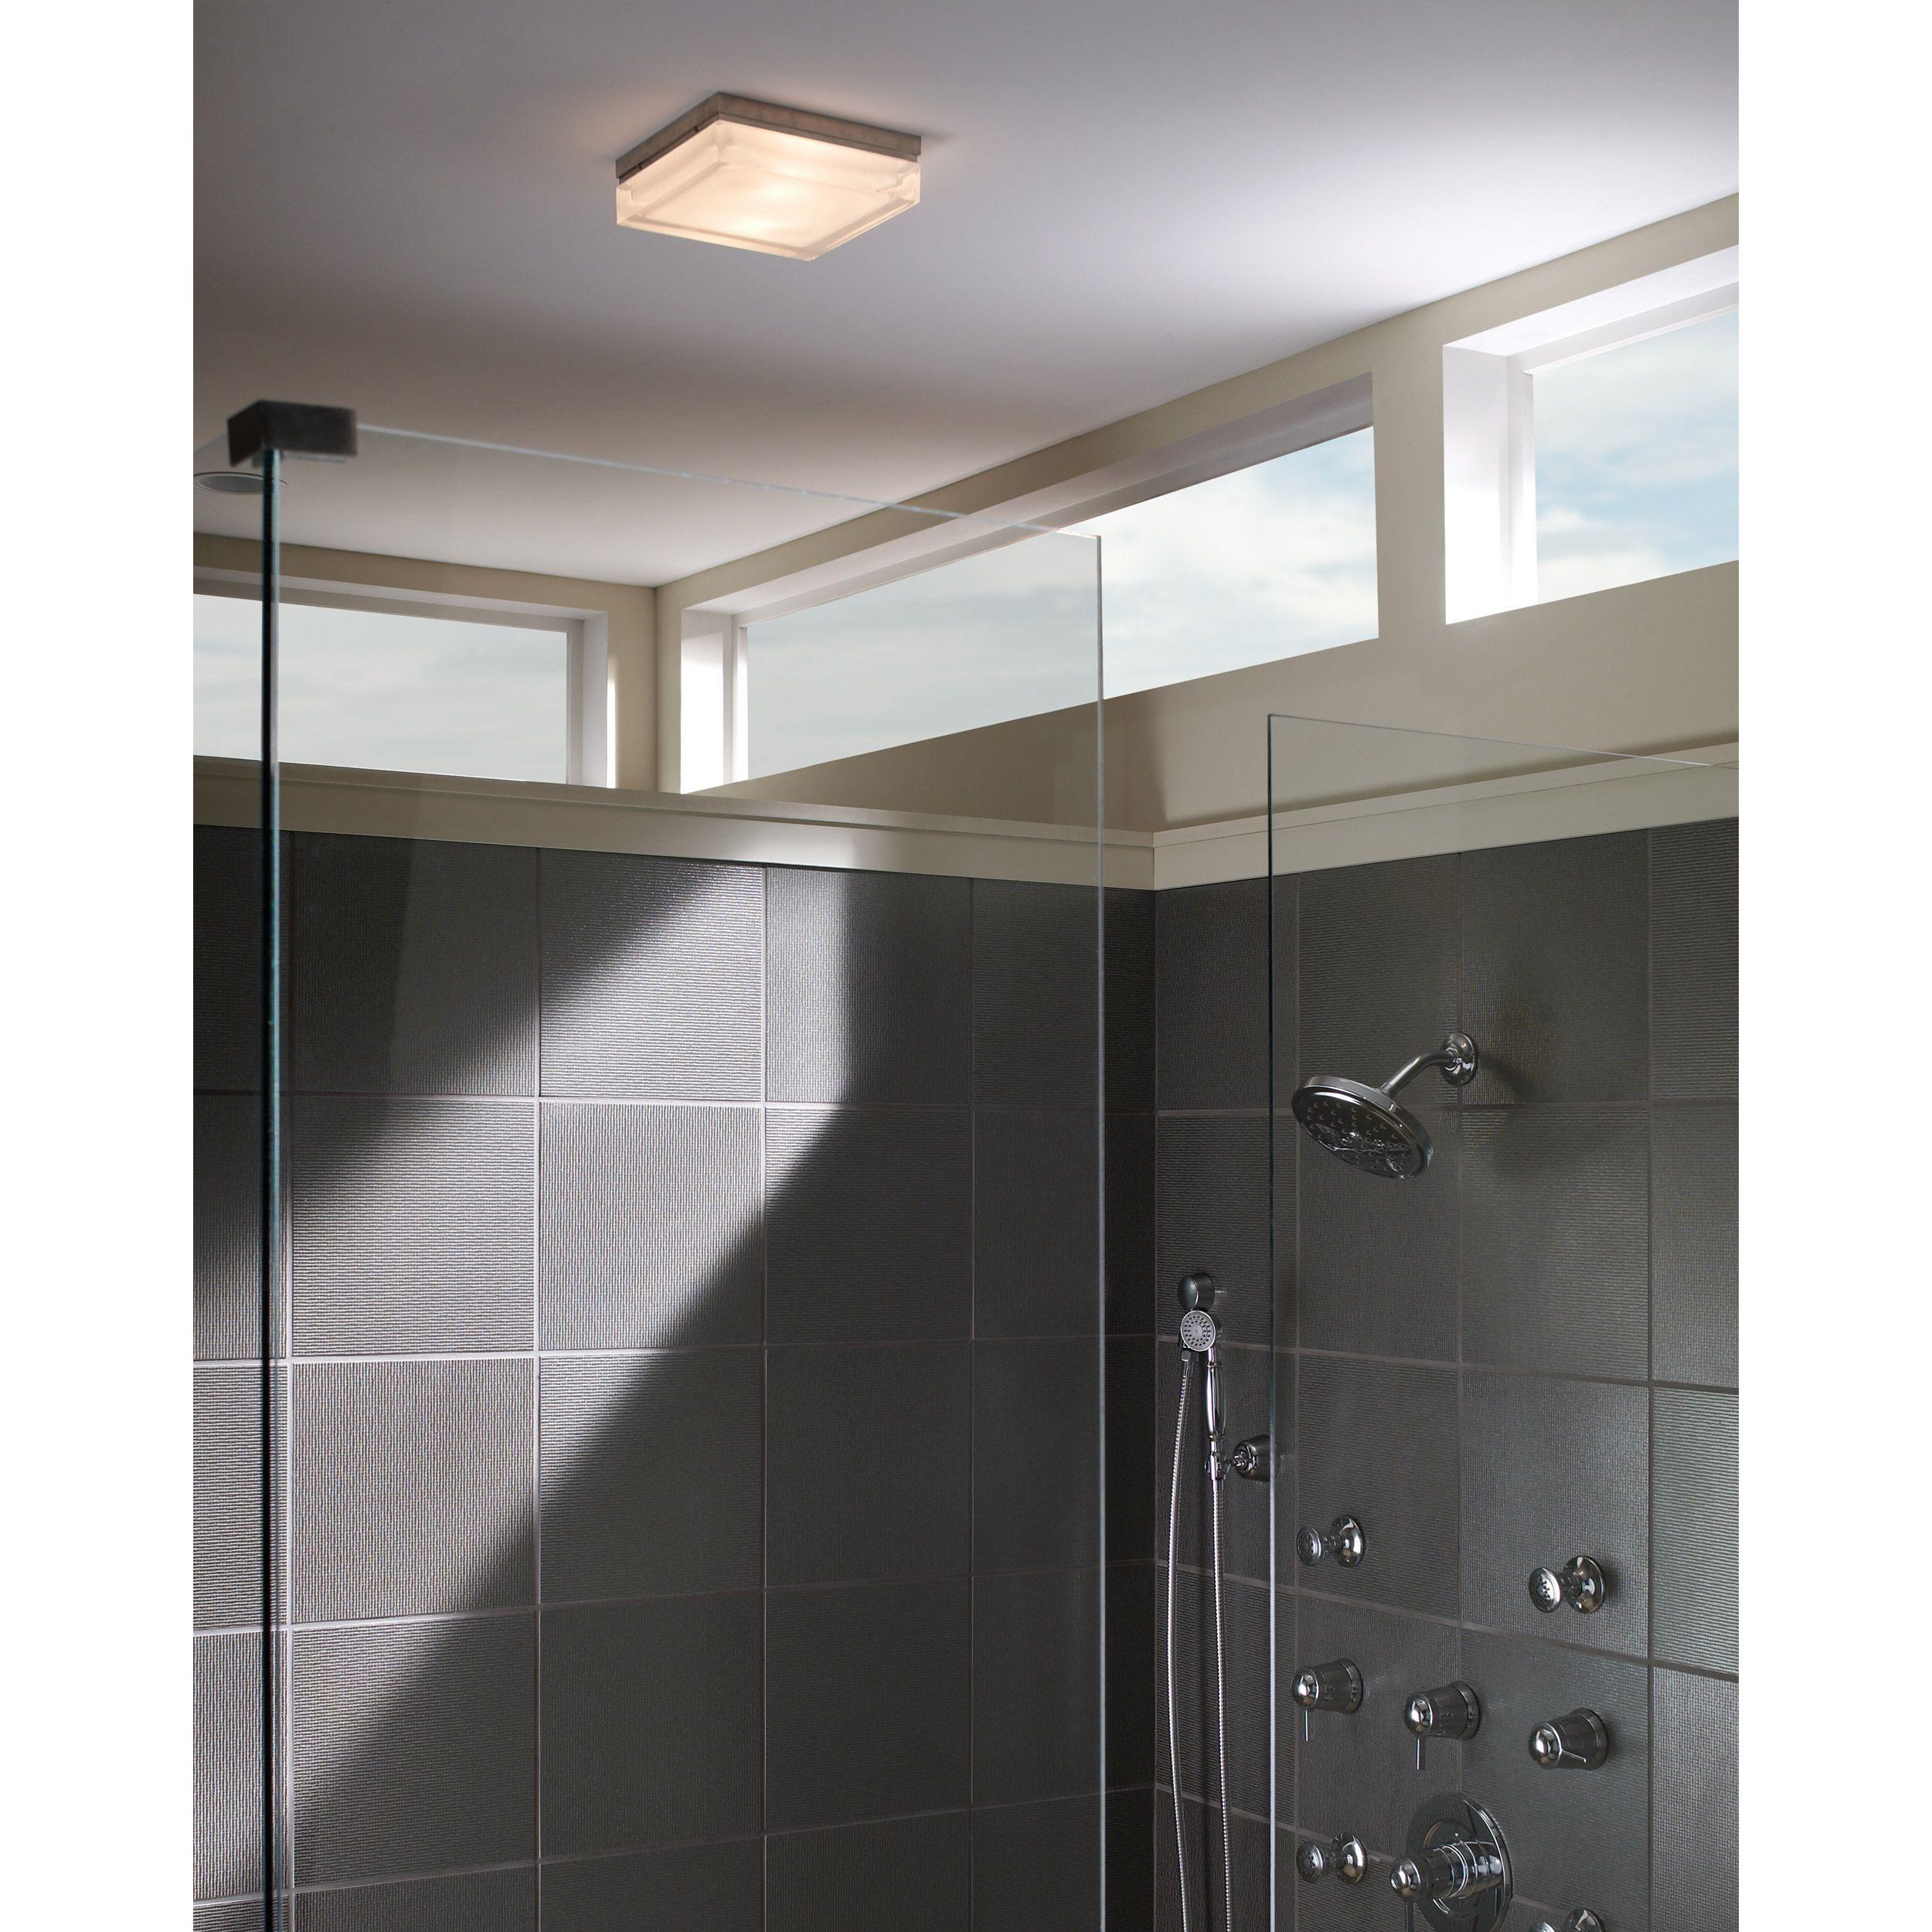 Nickel Boxie Ceiling Large S Nickel Tech Lighting 700bxls 703tcwl Bathroom Ceiling Light Modern Bathroom Lighting Tech Lighting